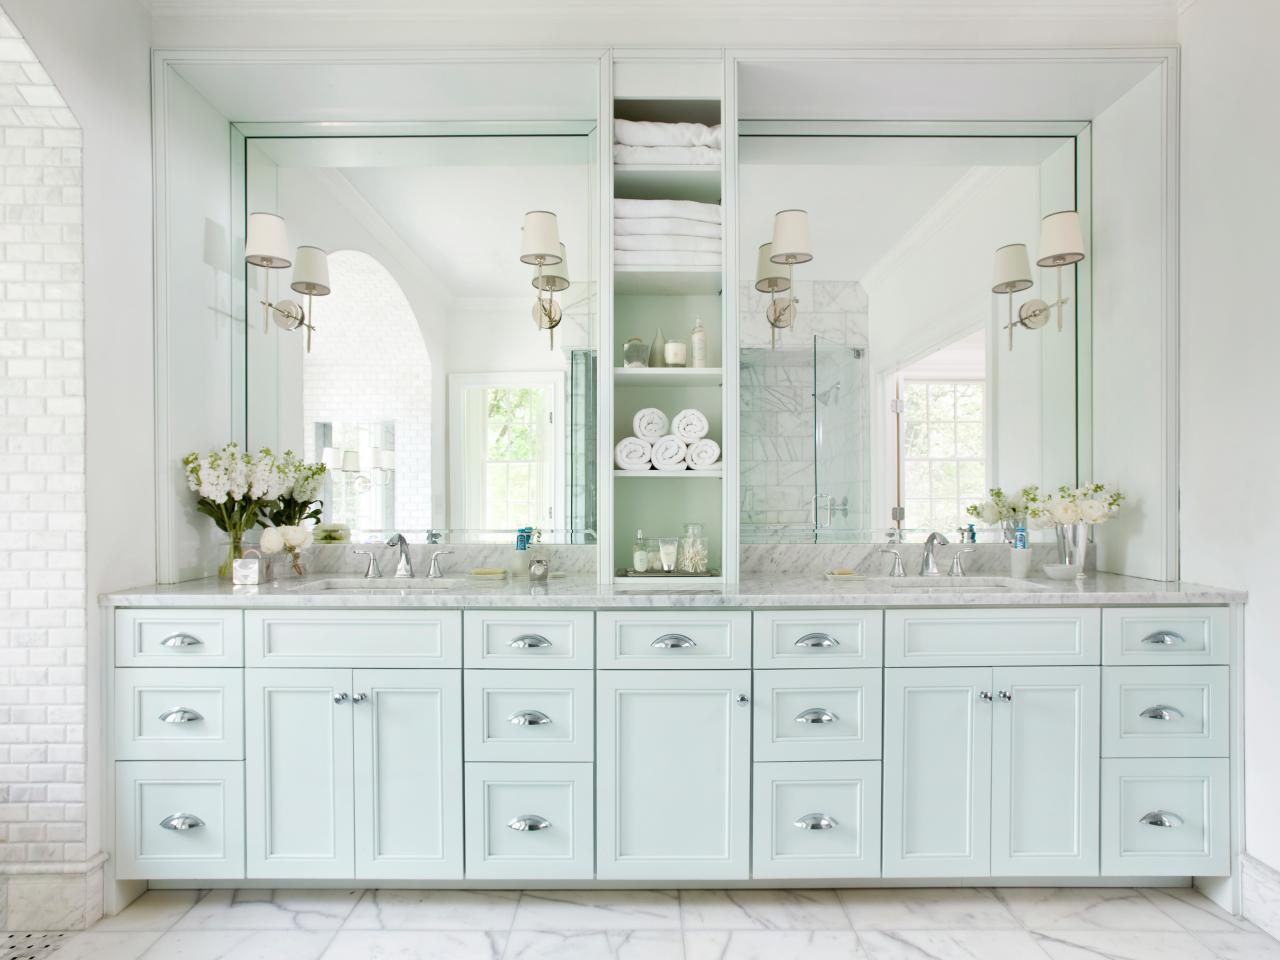 Minimalist Cabinet Design Double Vanities